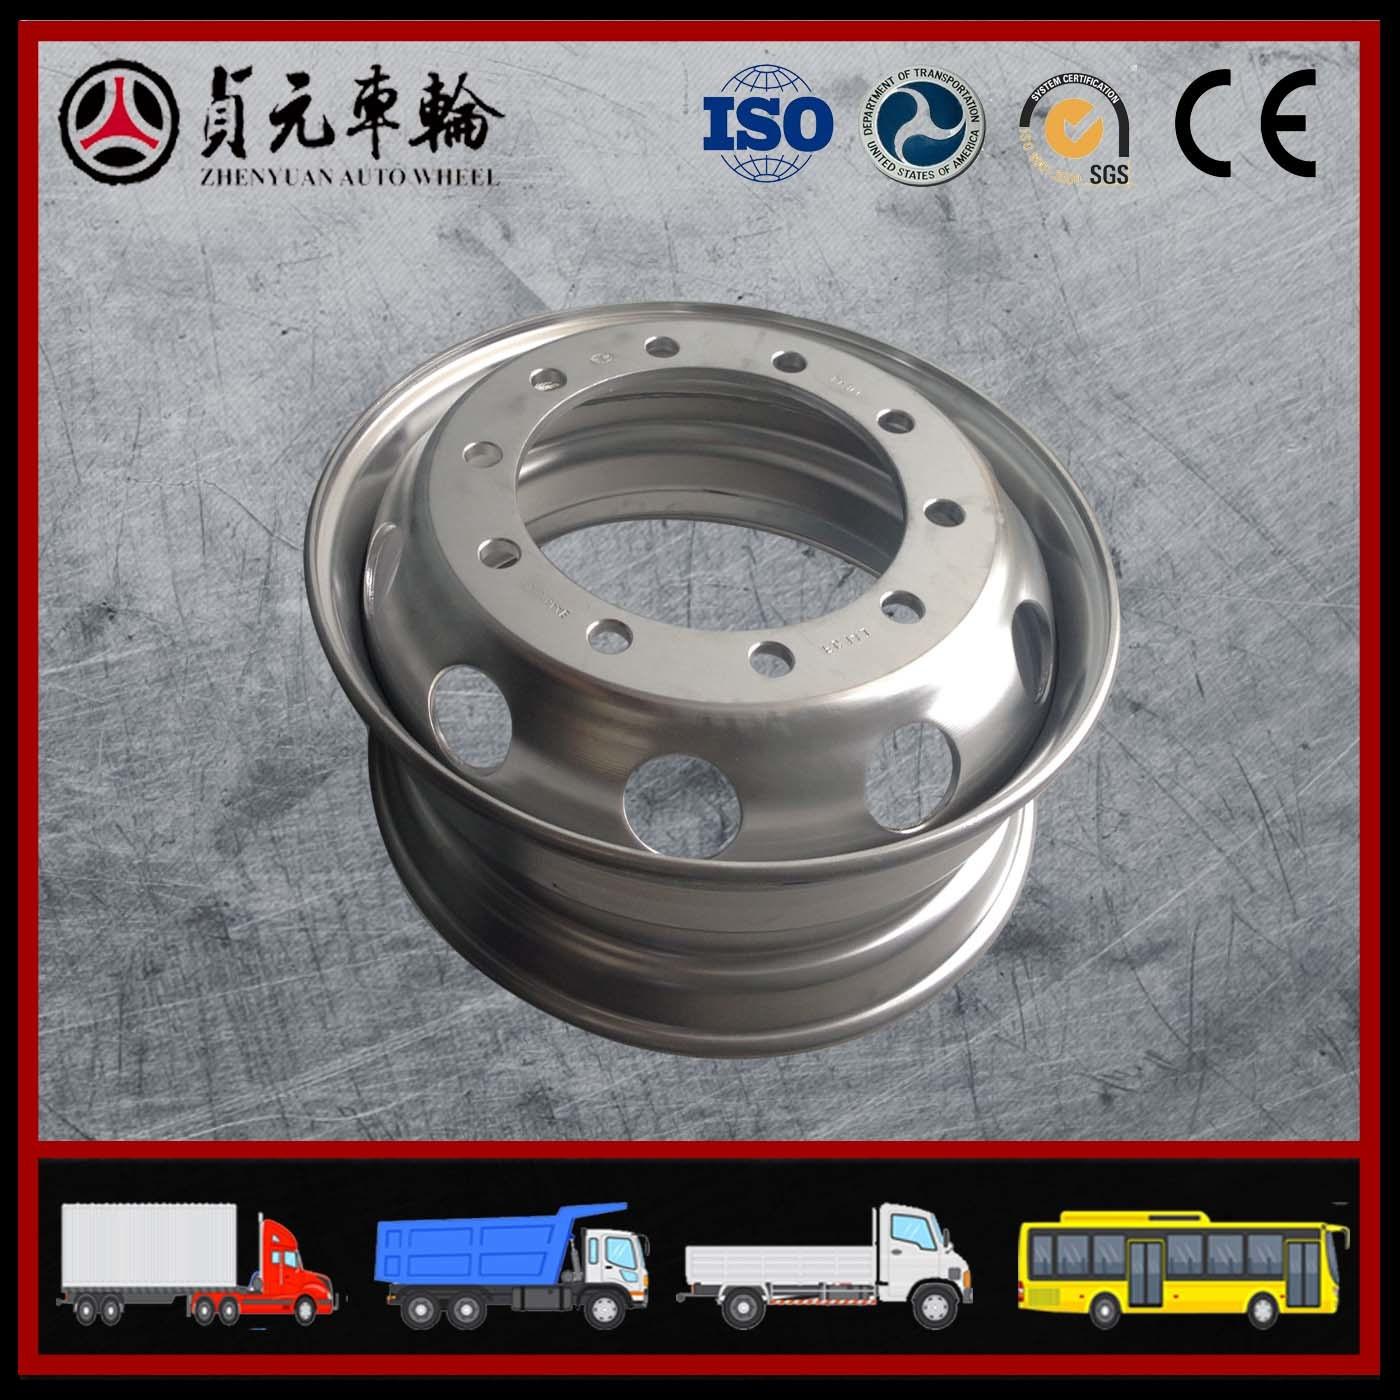 Steel Wheel From Zhenyuan Wheel/FAW-Supplier (17.5*6.0)